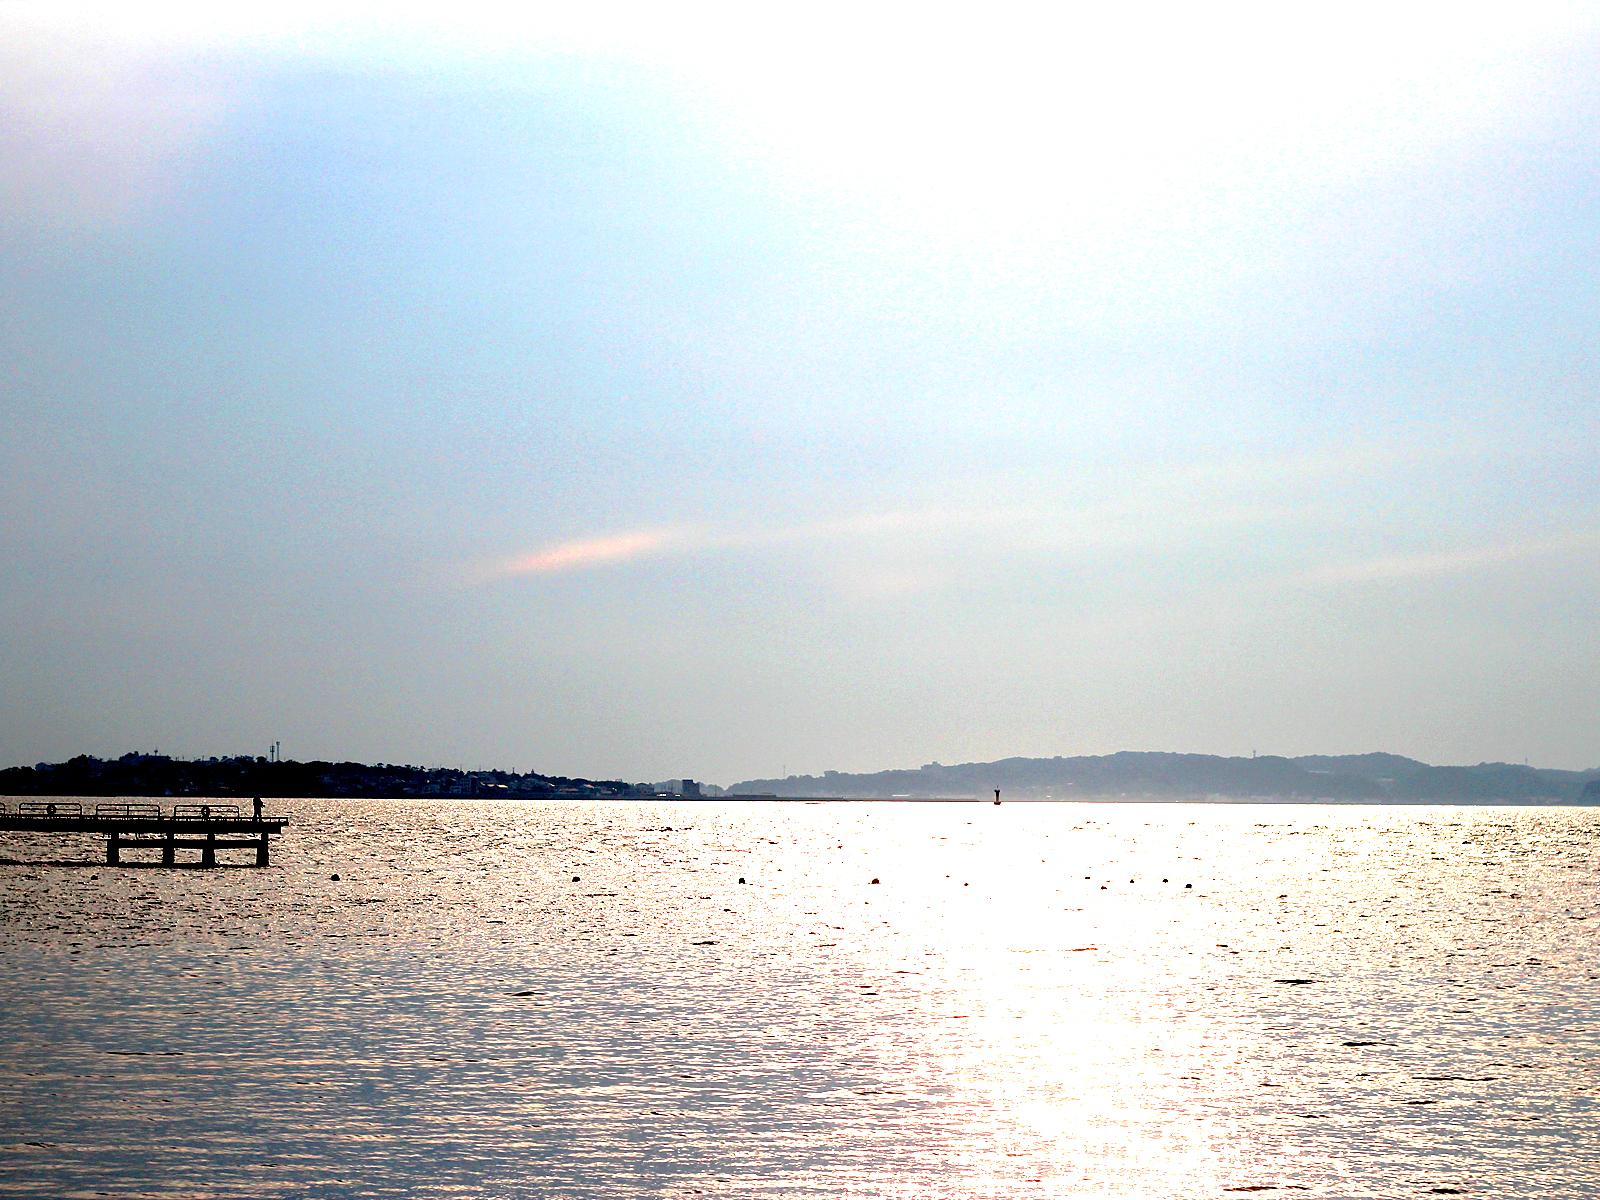 佐久島の海と空